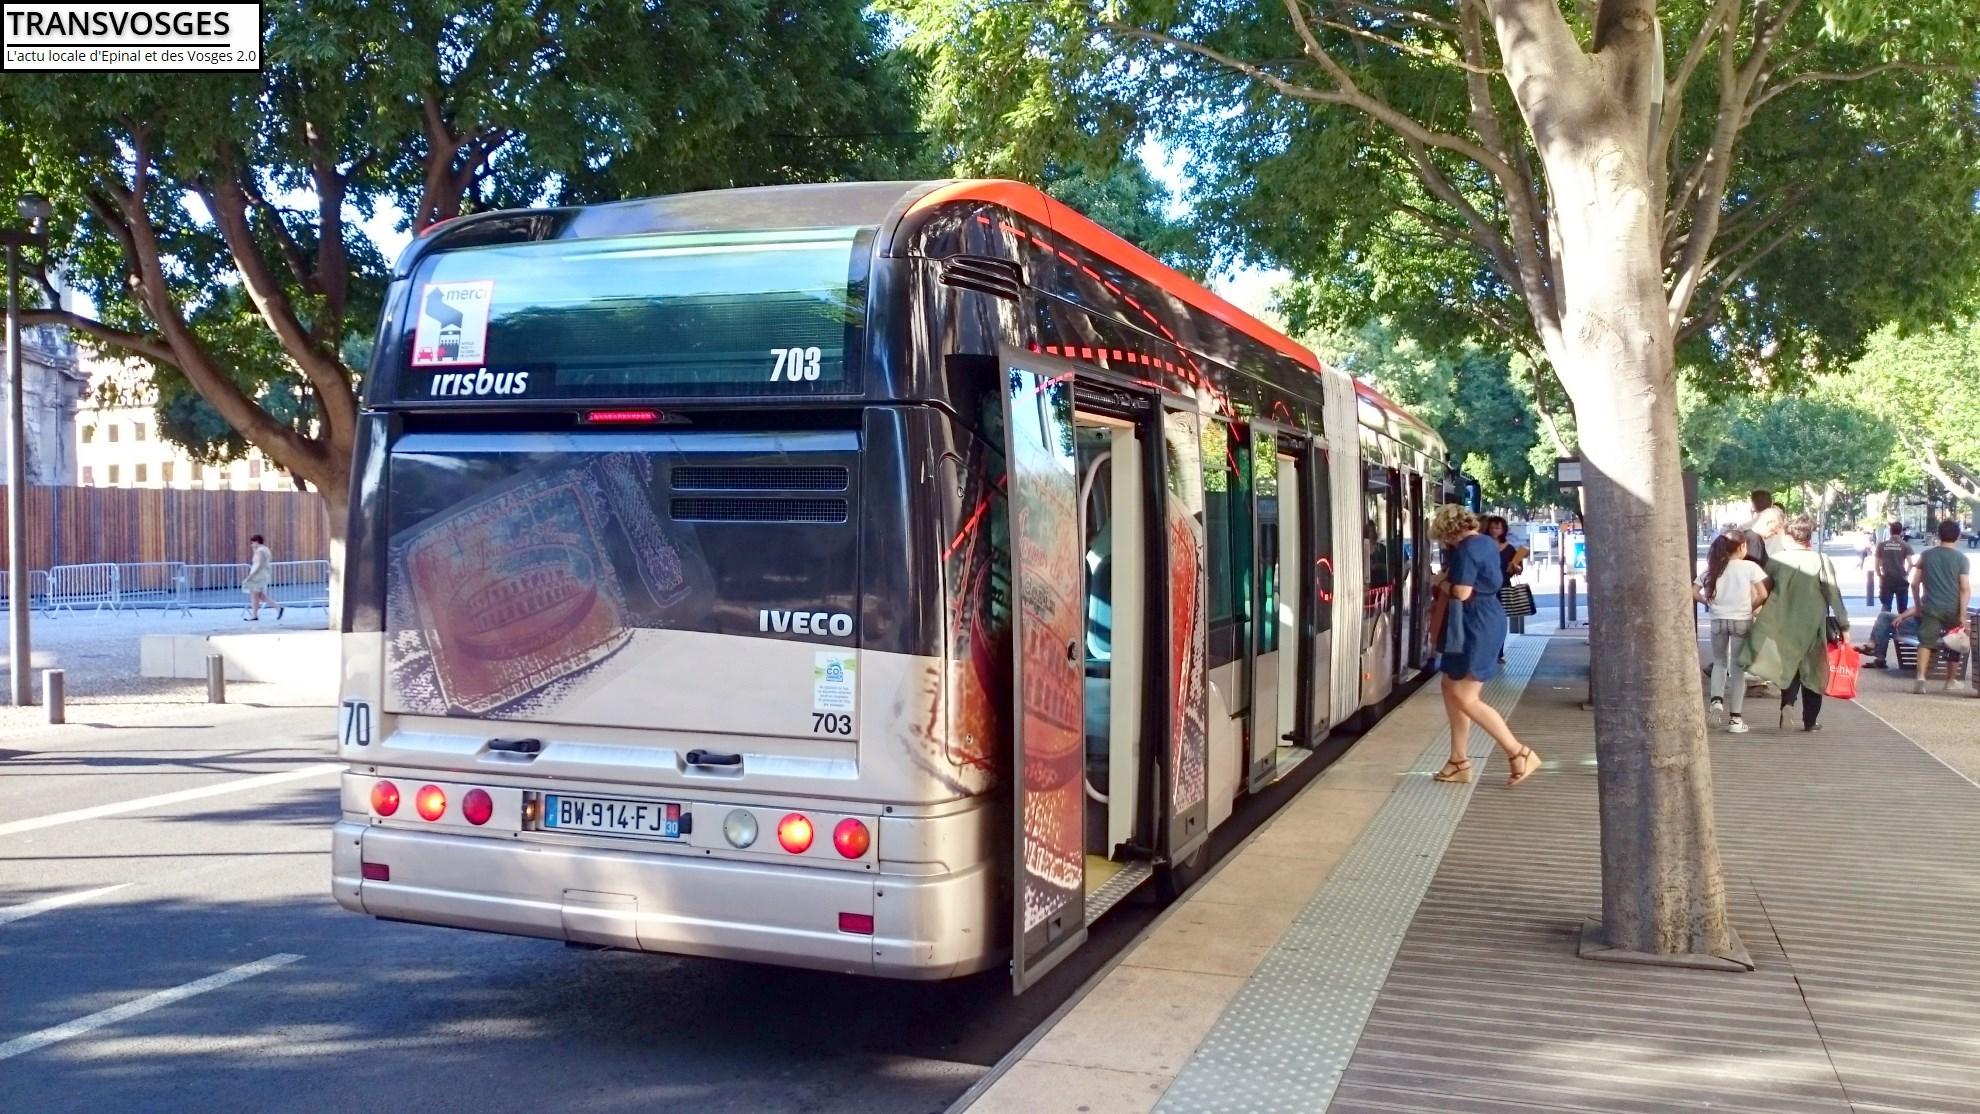 BHNS Irsibus Citélis du réseau urbain de Nimes le 27/06/2016.